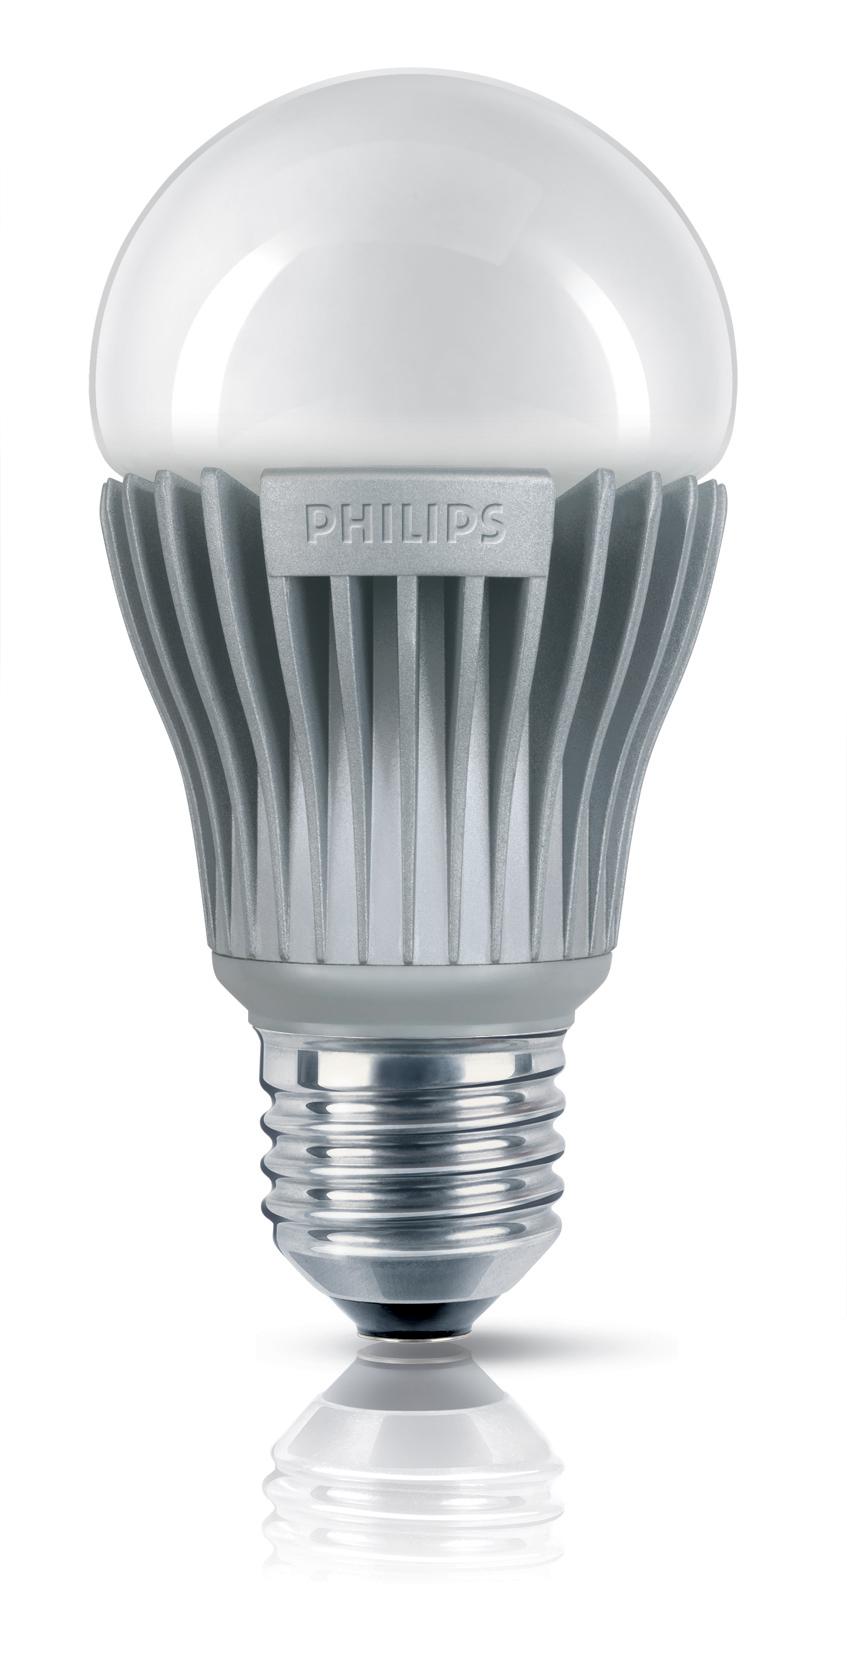 philips verbreedt aanbod energiezuinige lampen voor woningen met uitgebreide nieuwe reeks led lampen. Black Bedroom Furniture Sets. Home Design Ideas